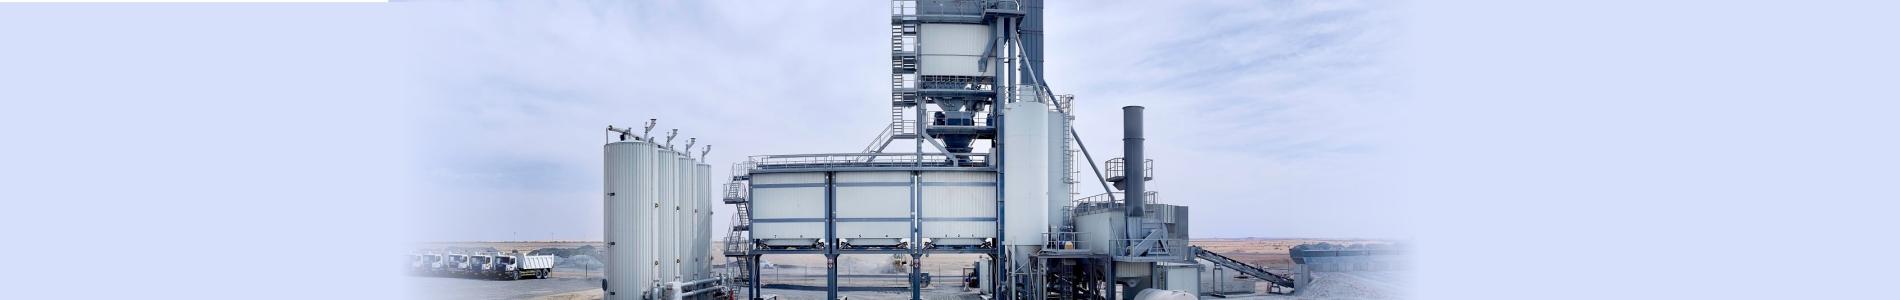 ASPHALT, Leading Industrial Filtration Solution Provider